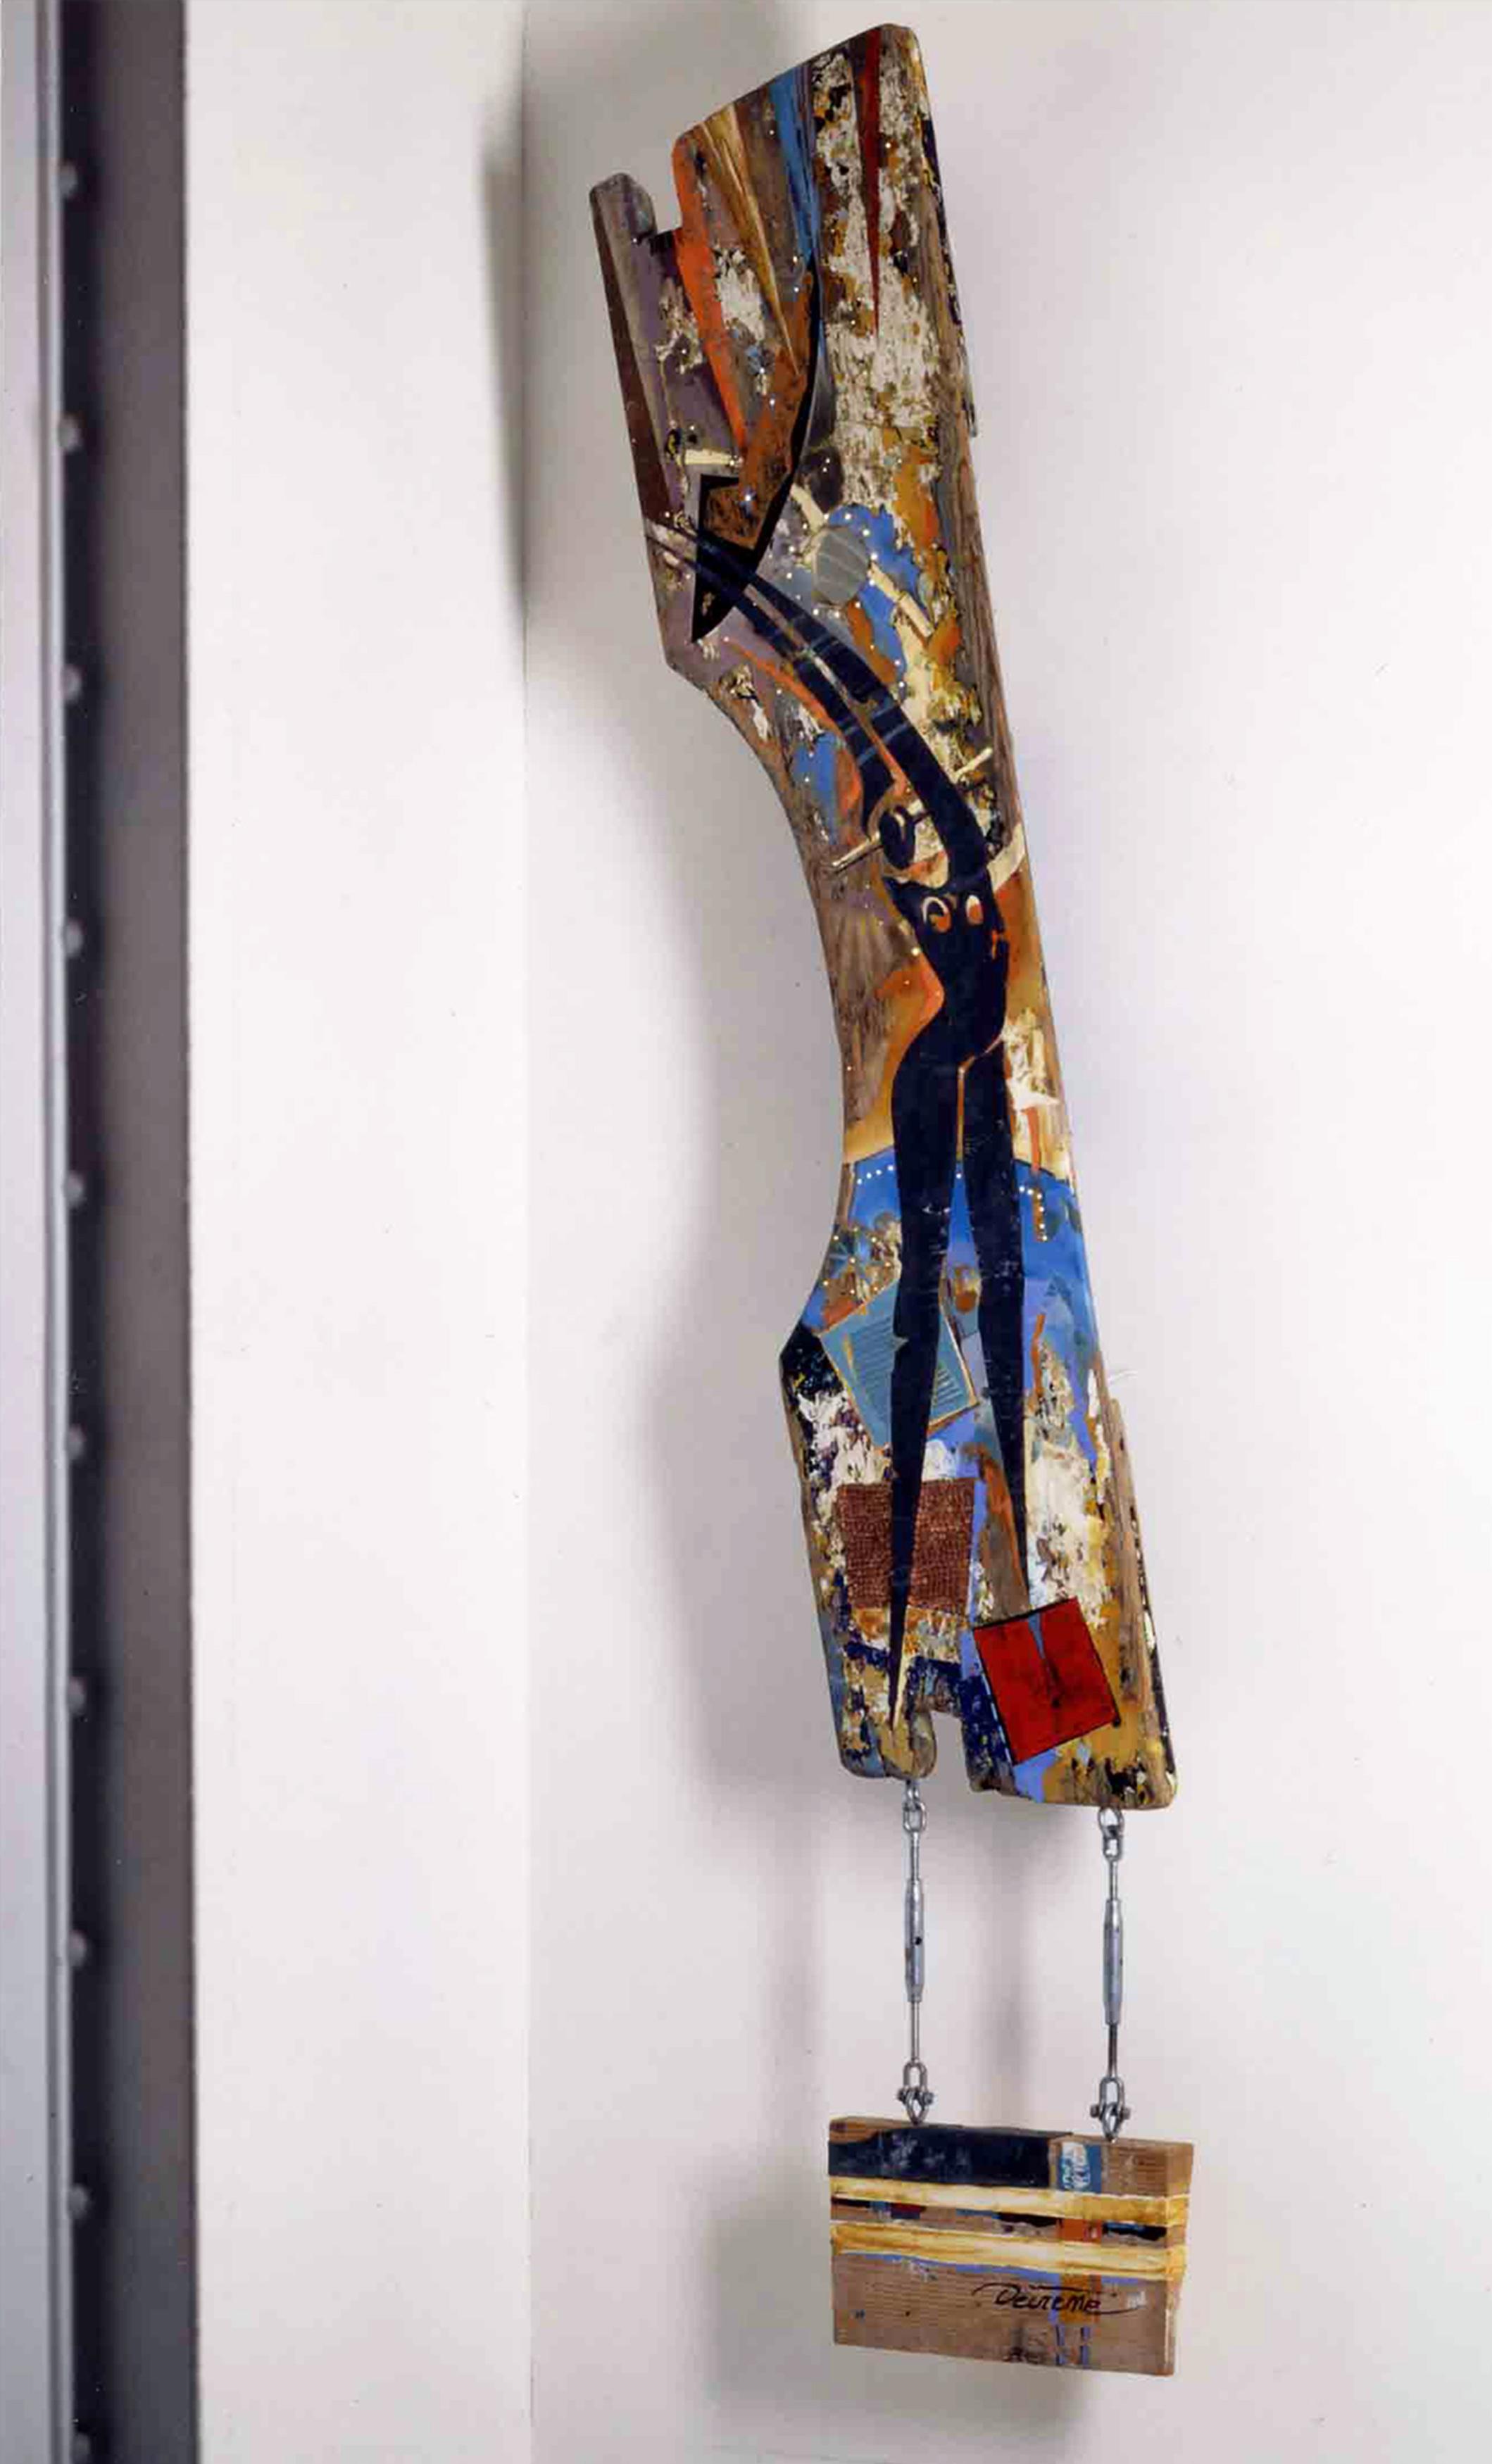 DECREME-Lumiere-Peinture-bois-plomb-cuivre-et-fibre-optique-180x50x20cm-1994